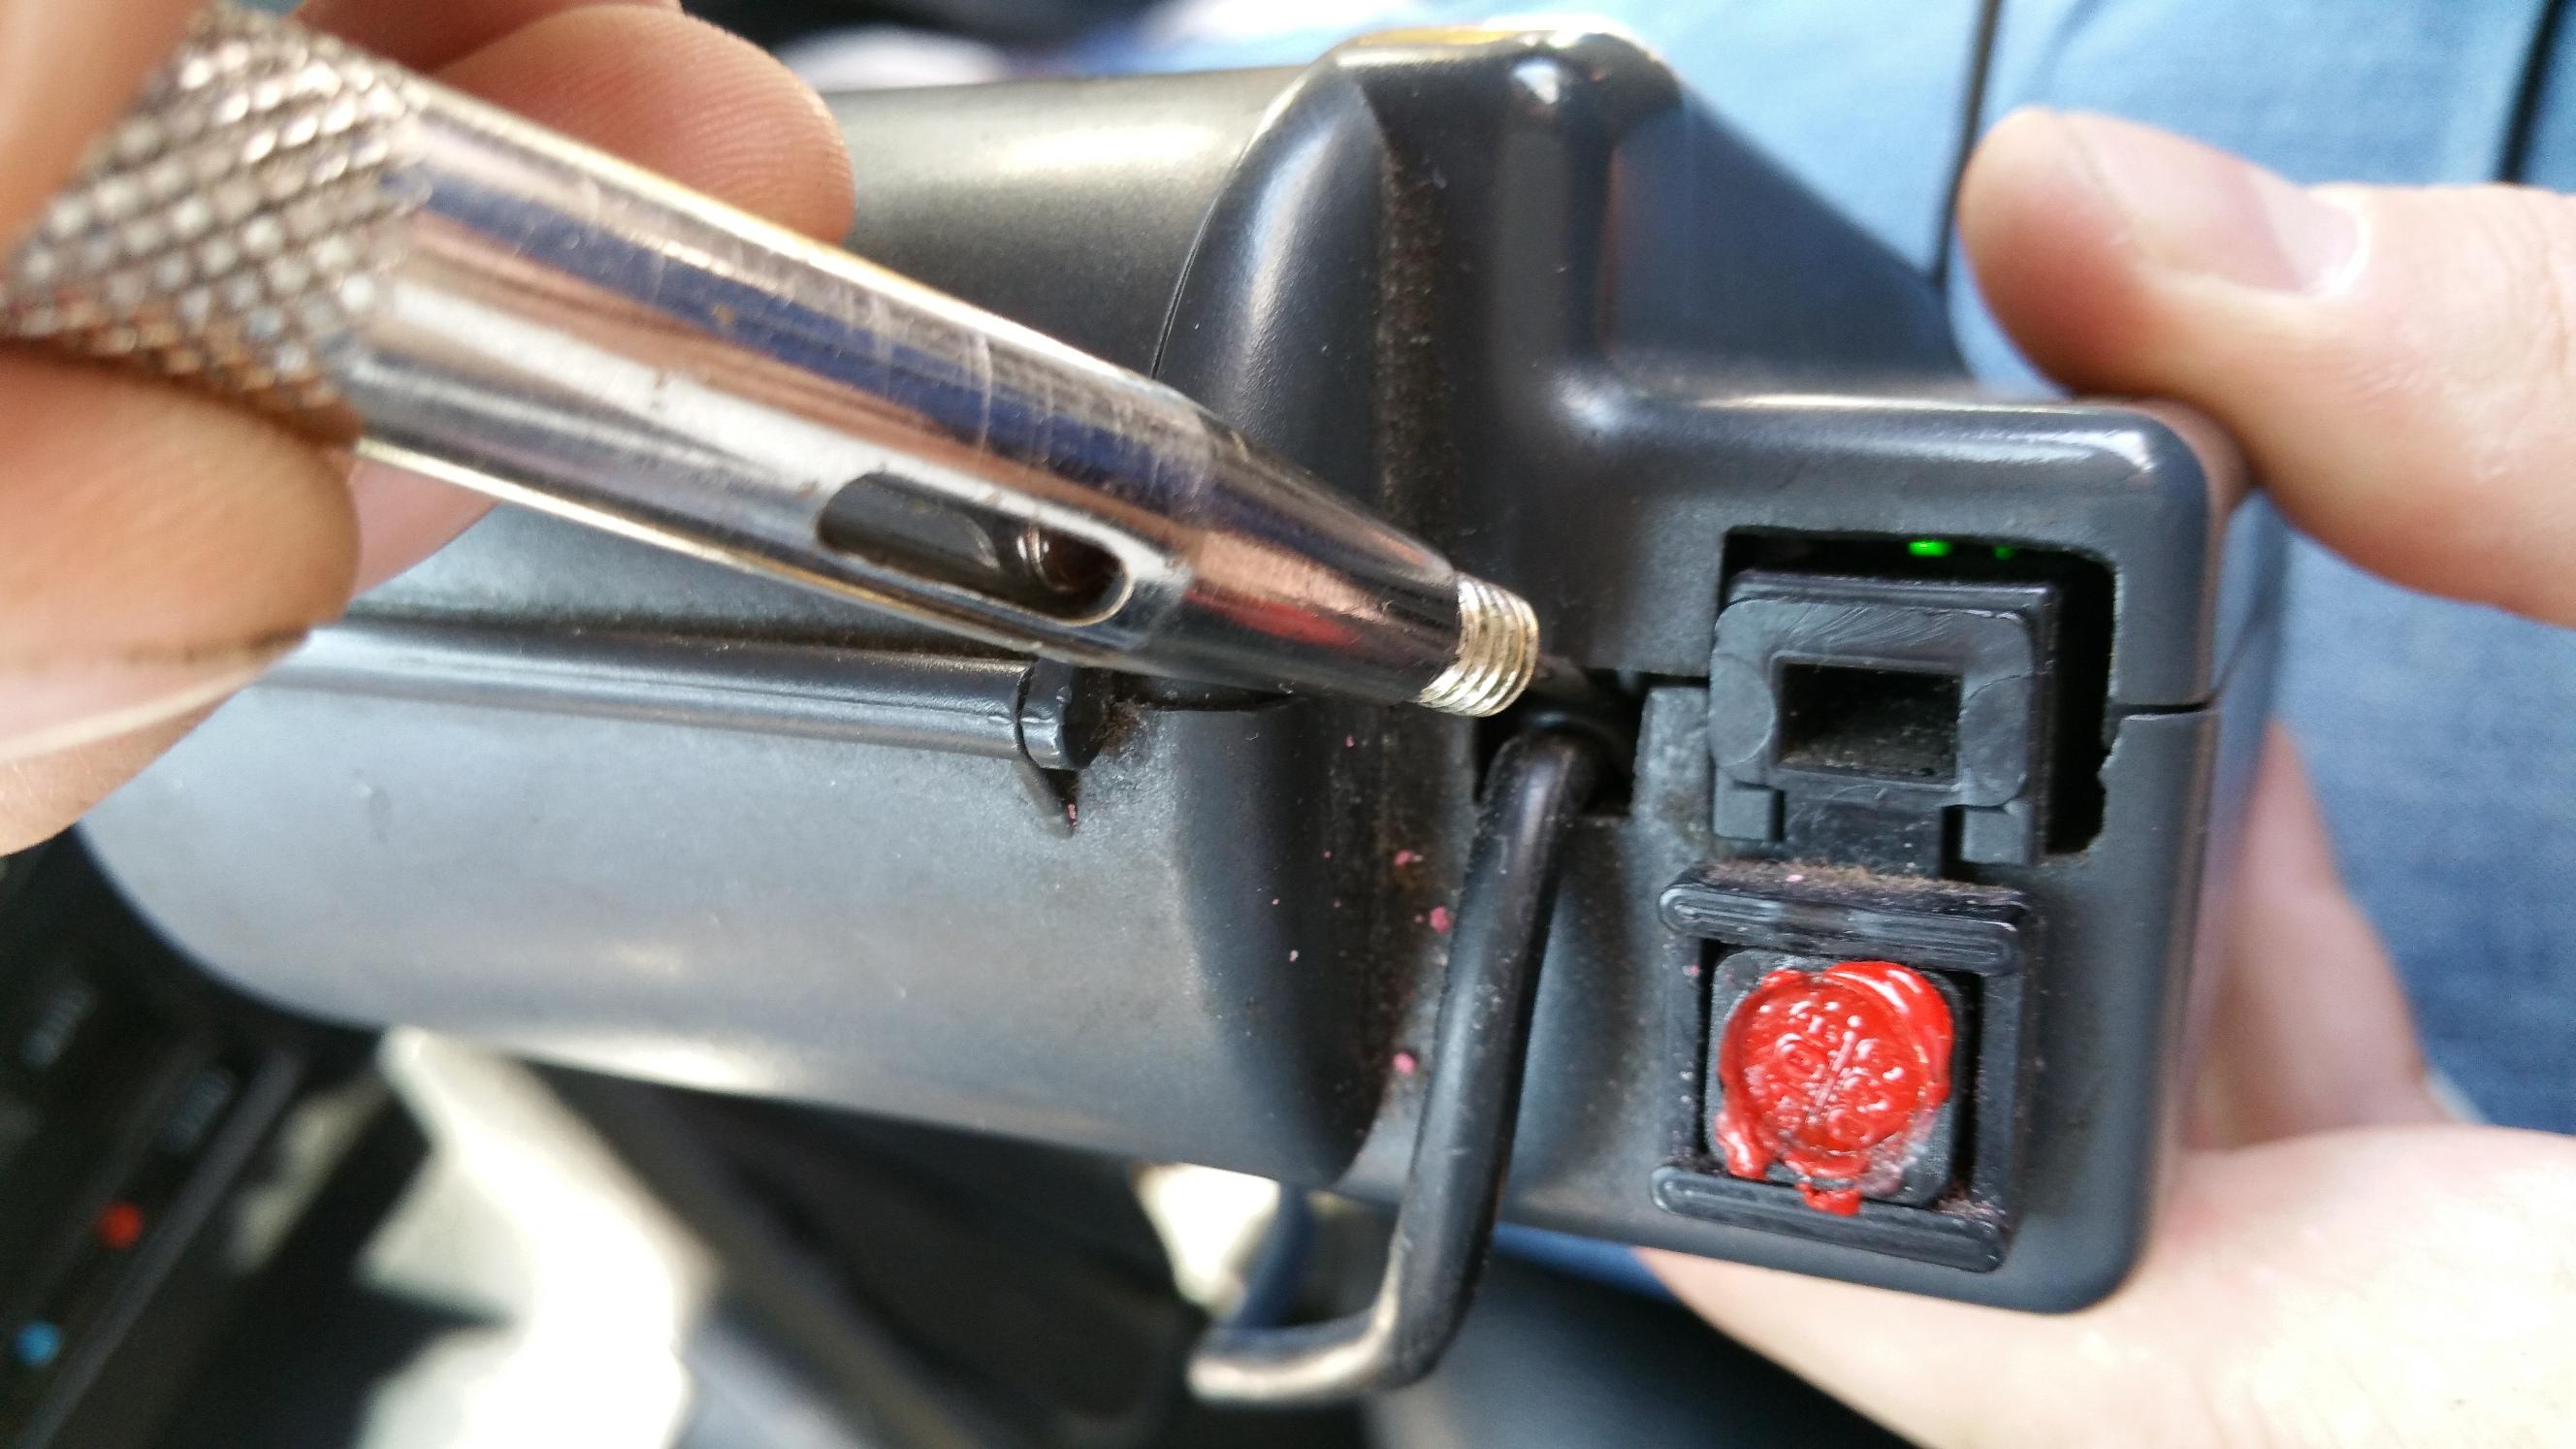 Συνελήφθησαν δεκατέσσερις επιτήδειοι ταξιτζήδες για επέμβαση σε ταμειακές μηχανές και ταξίμετρα!